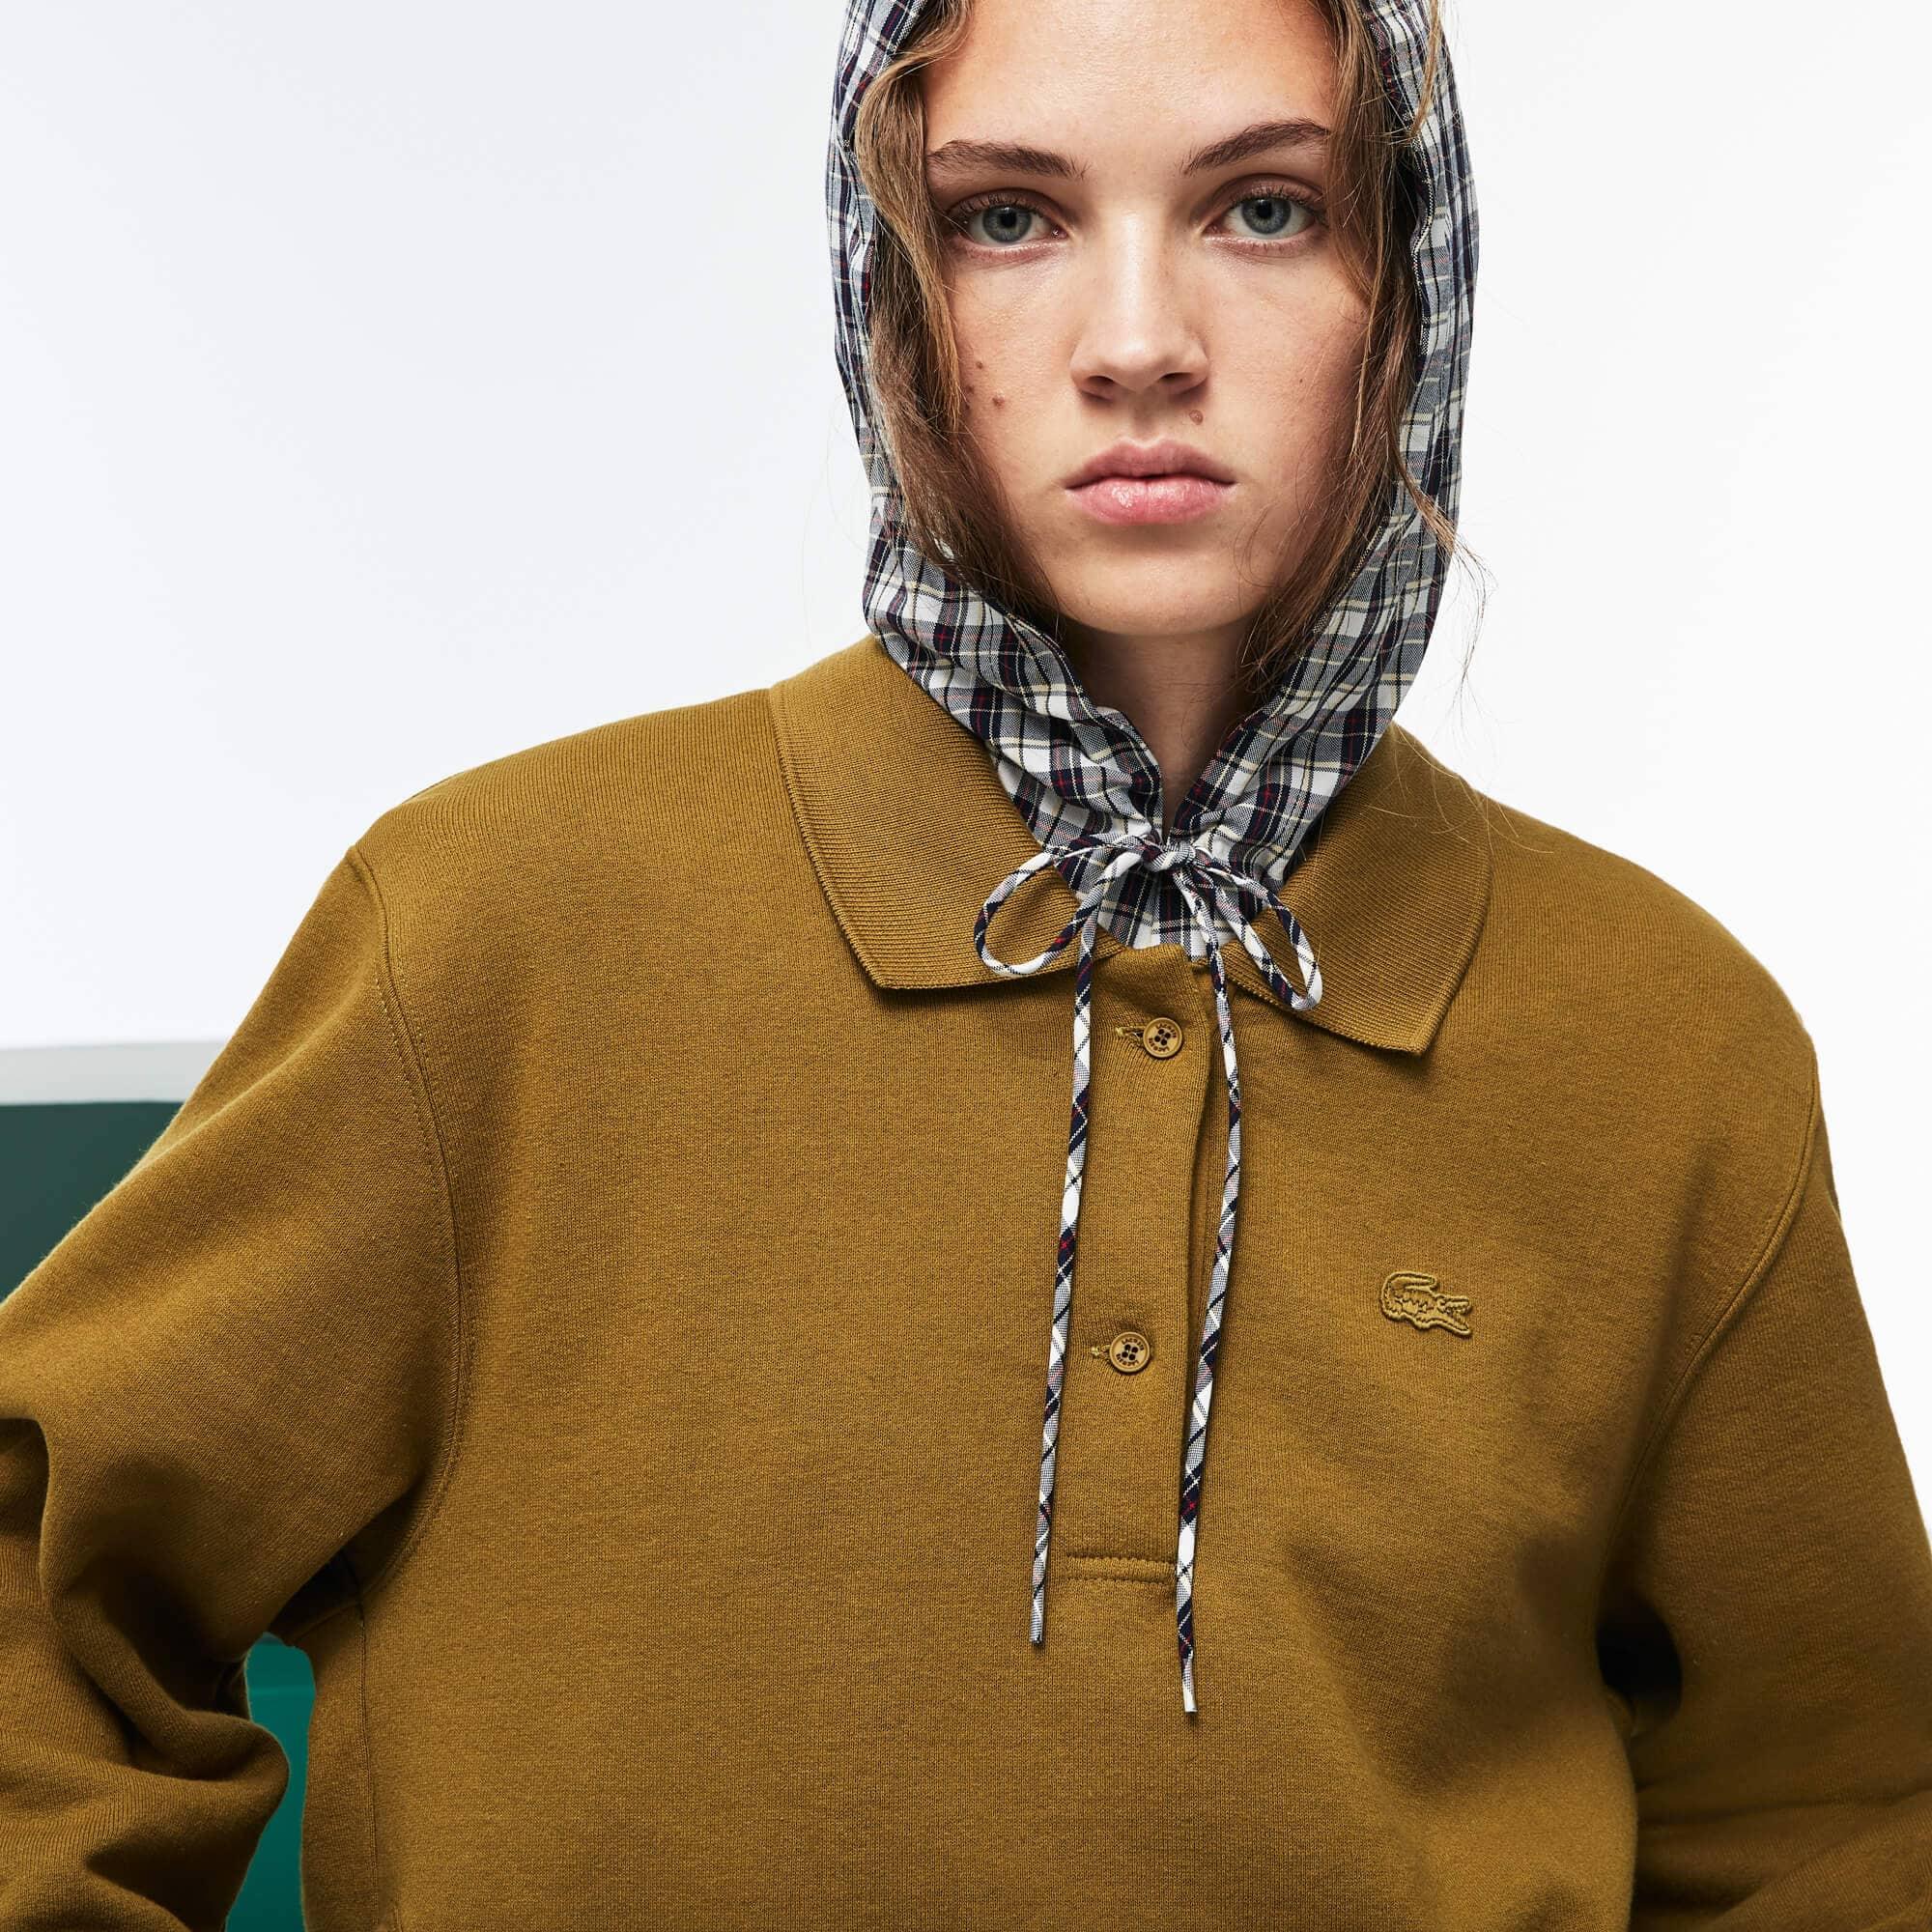 Damen 2-in-1 Popeline-Poloshirt aus Fleece mit Karos FASHION SHOW